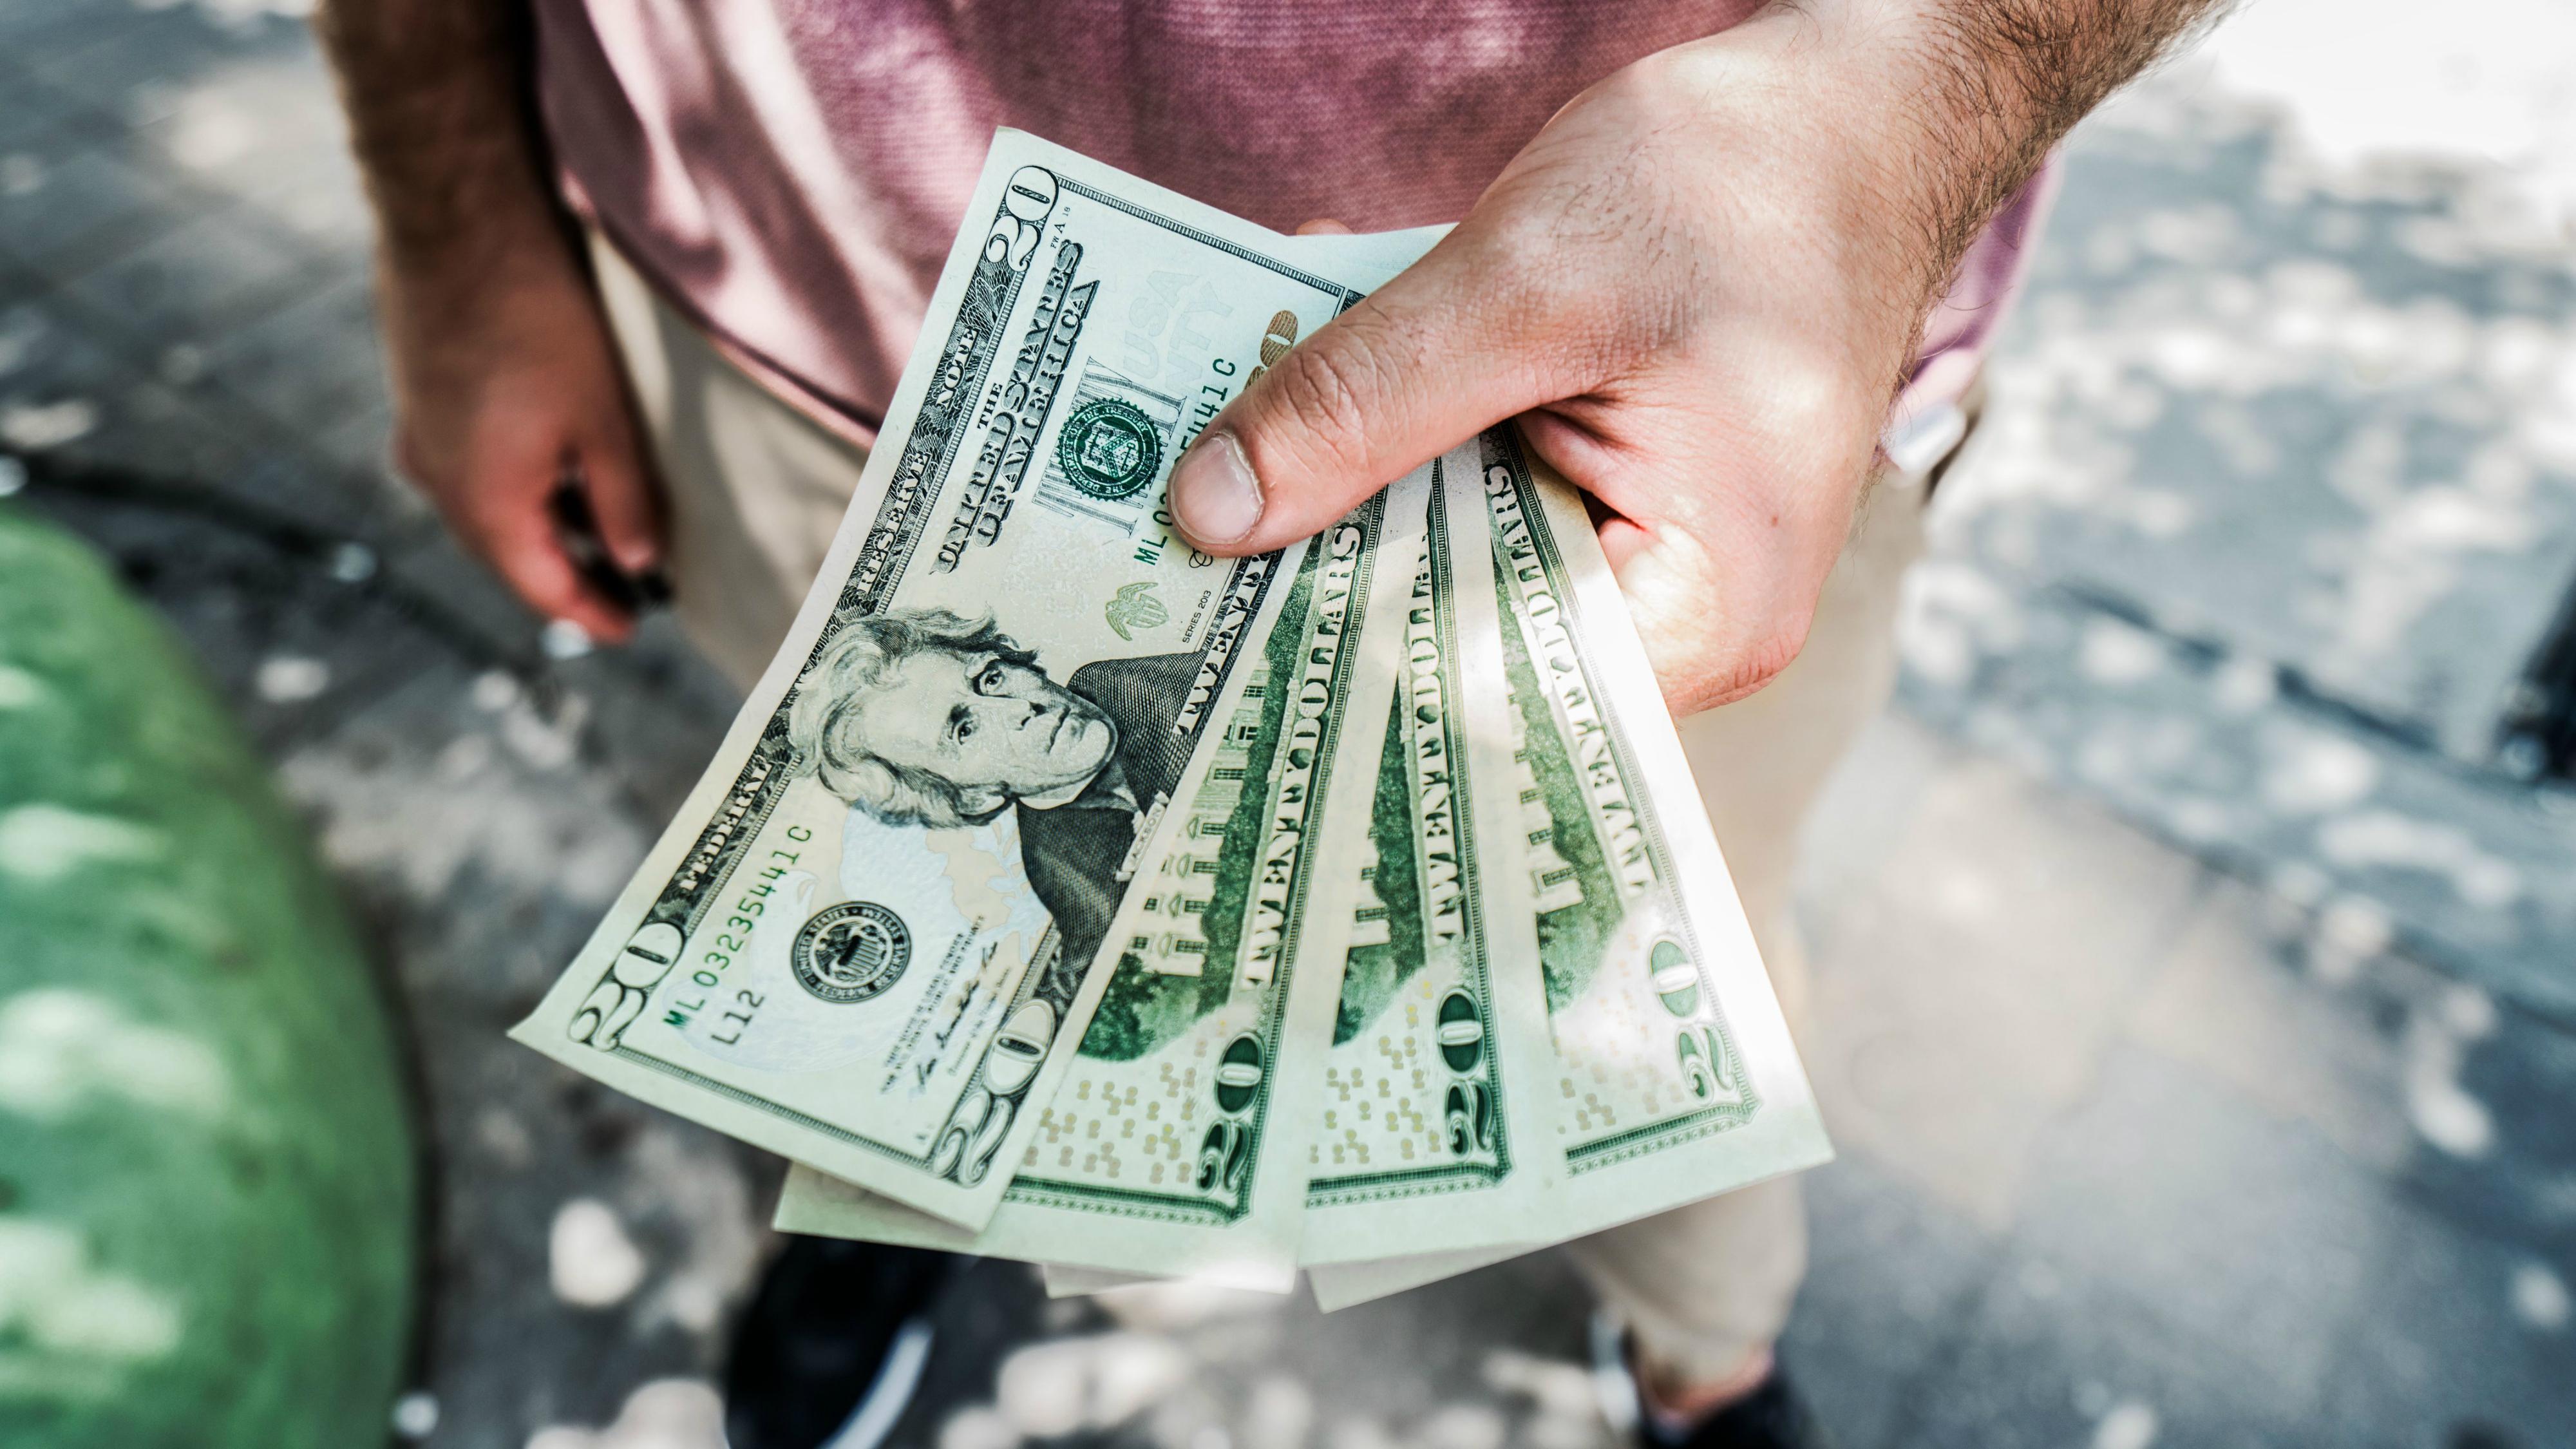 jums ir jāpelna nauda ar prātu